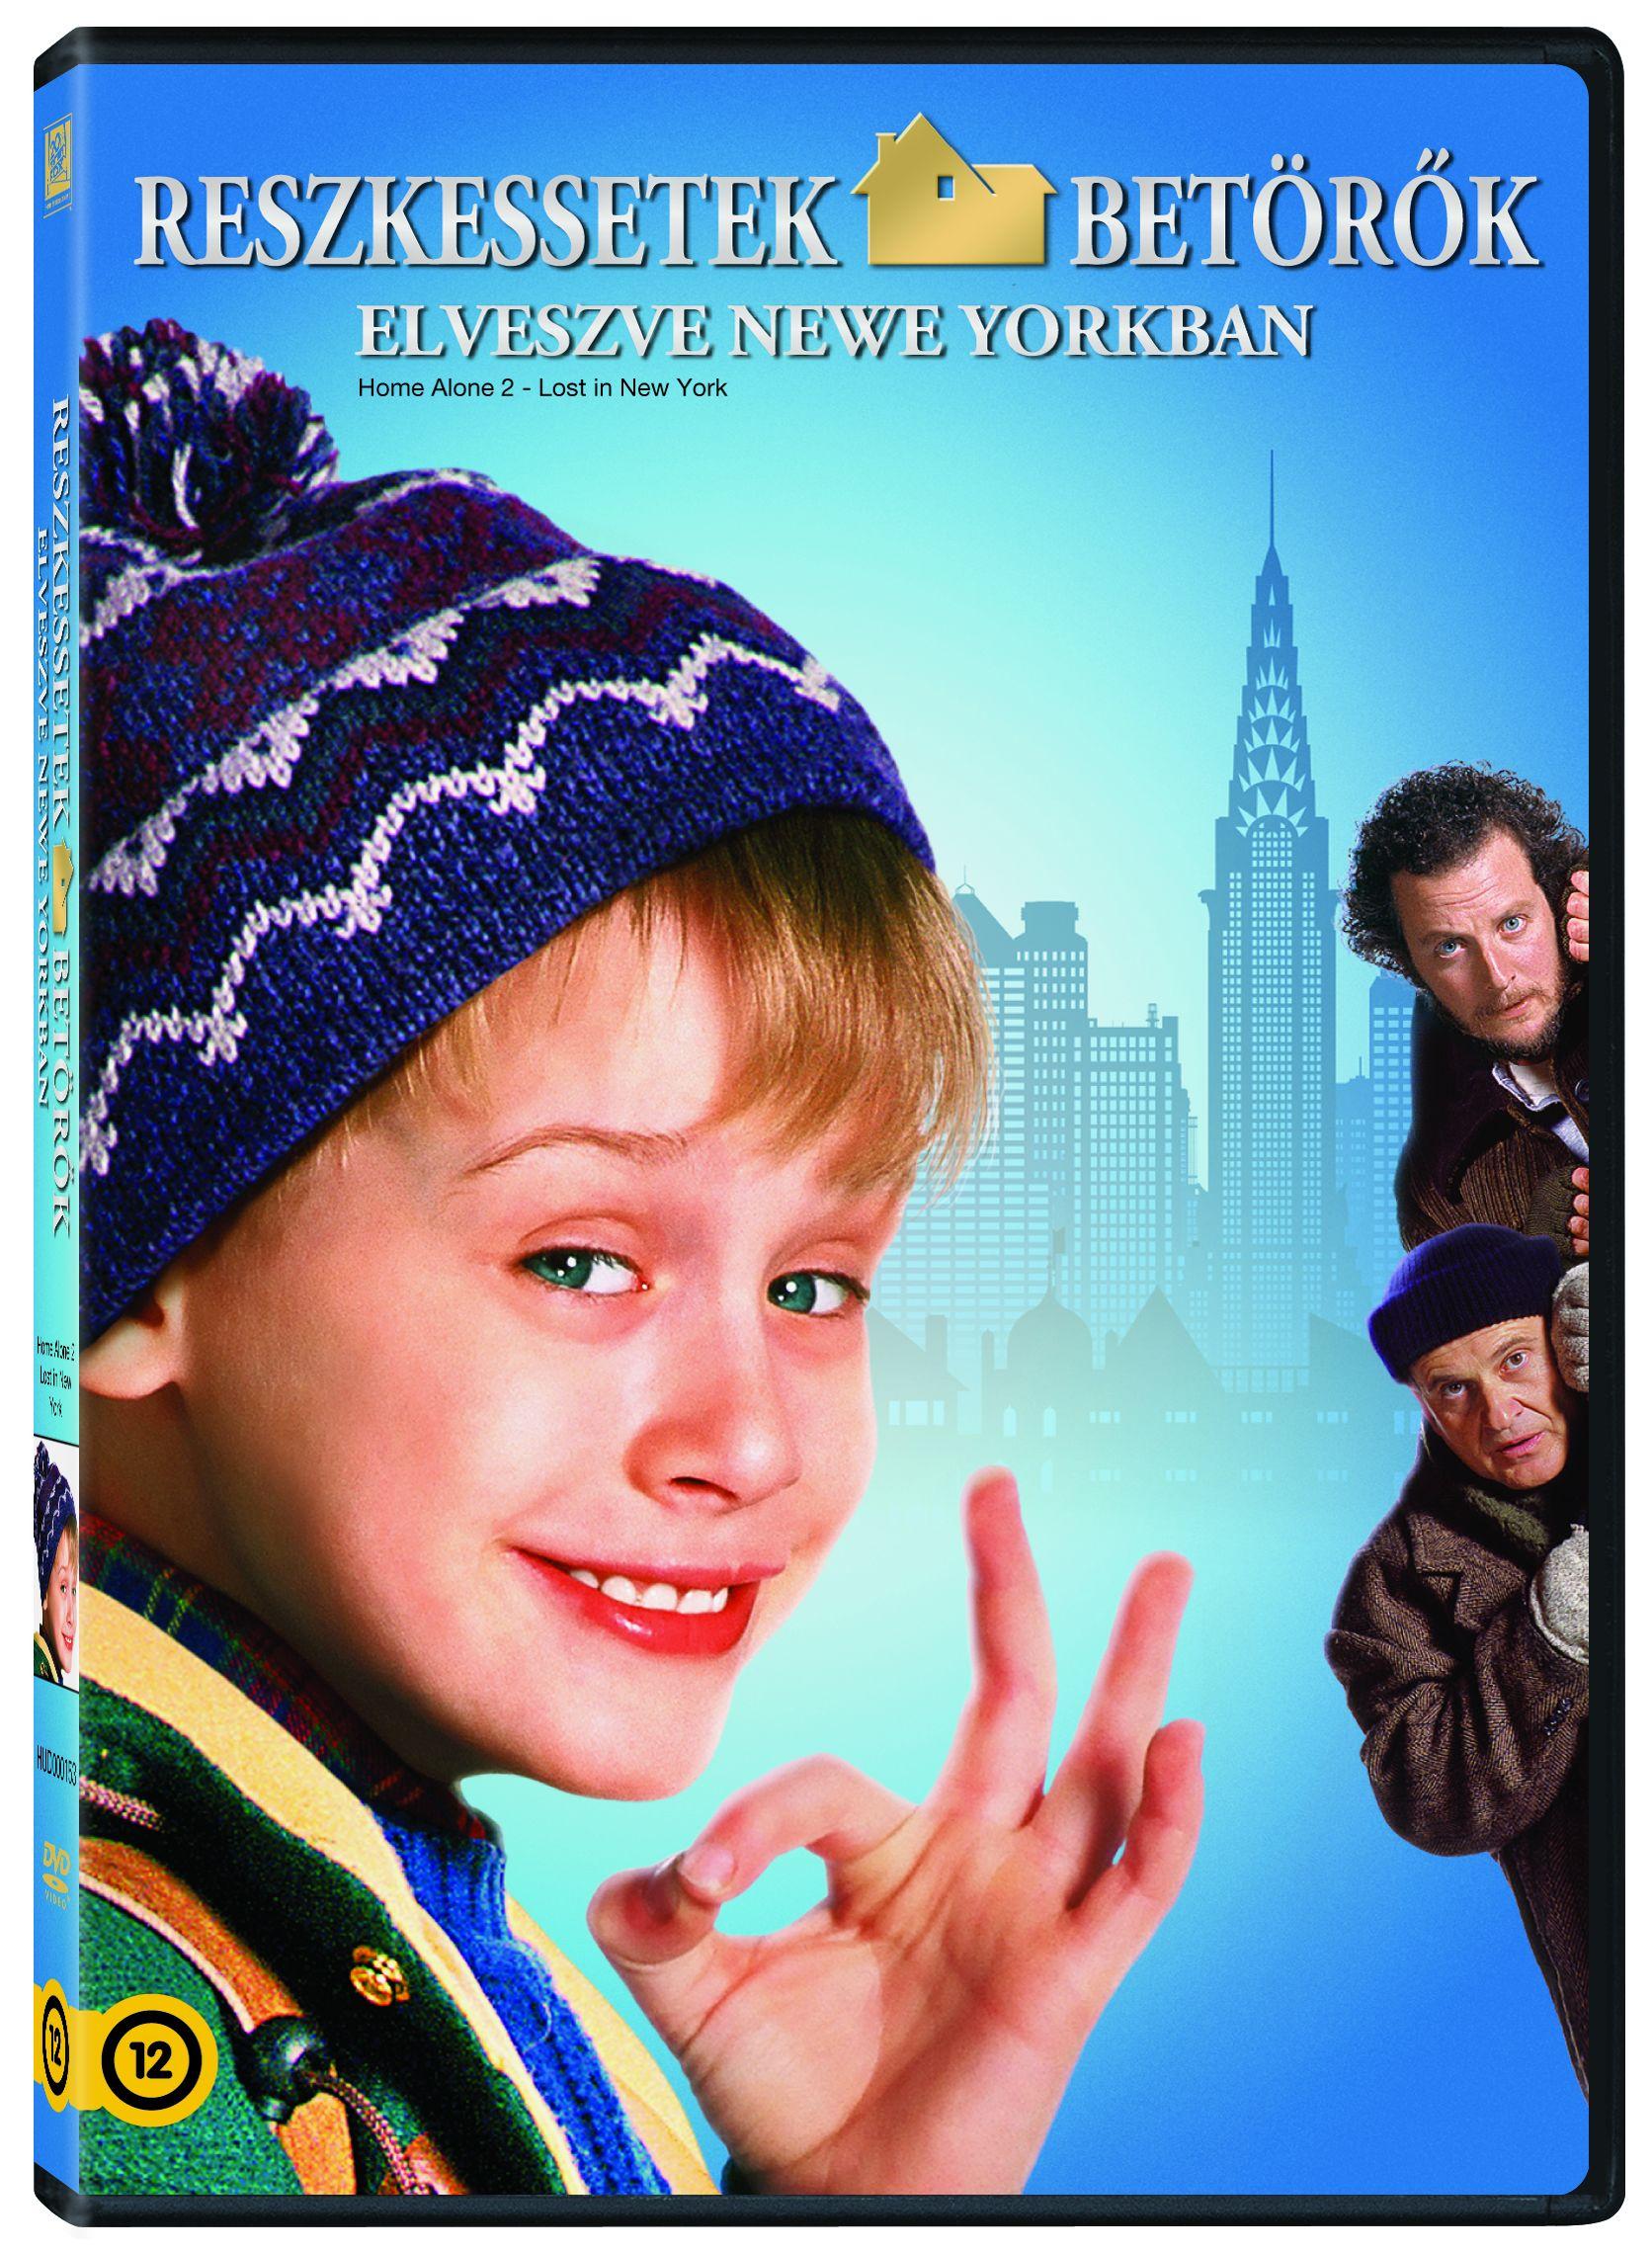 Reszkessetek, bet�r�k! 2. - Elveszve New Yorkban DVD